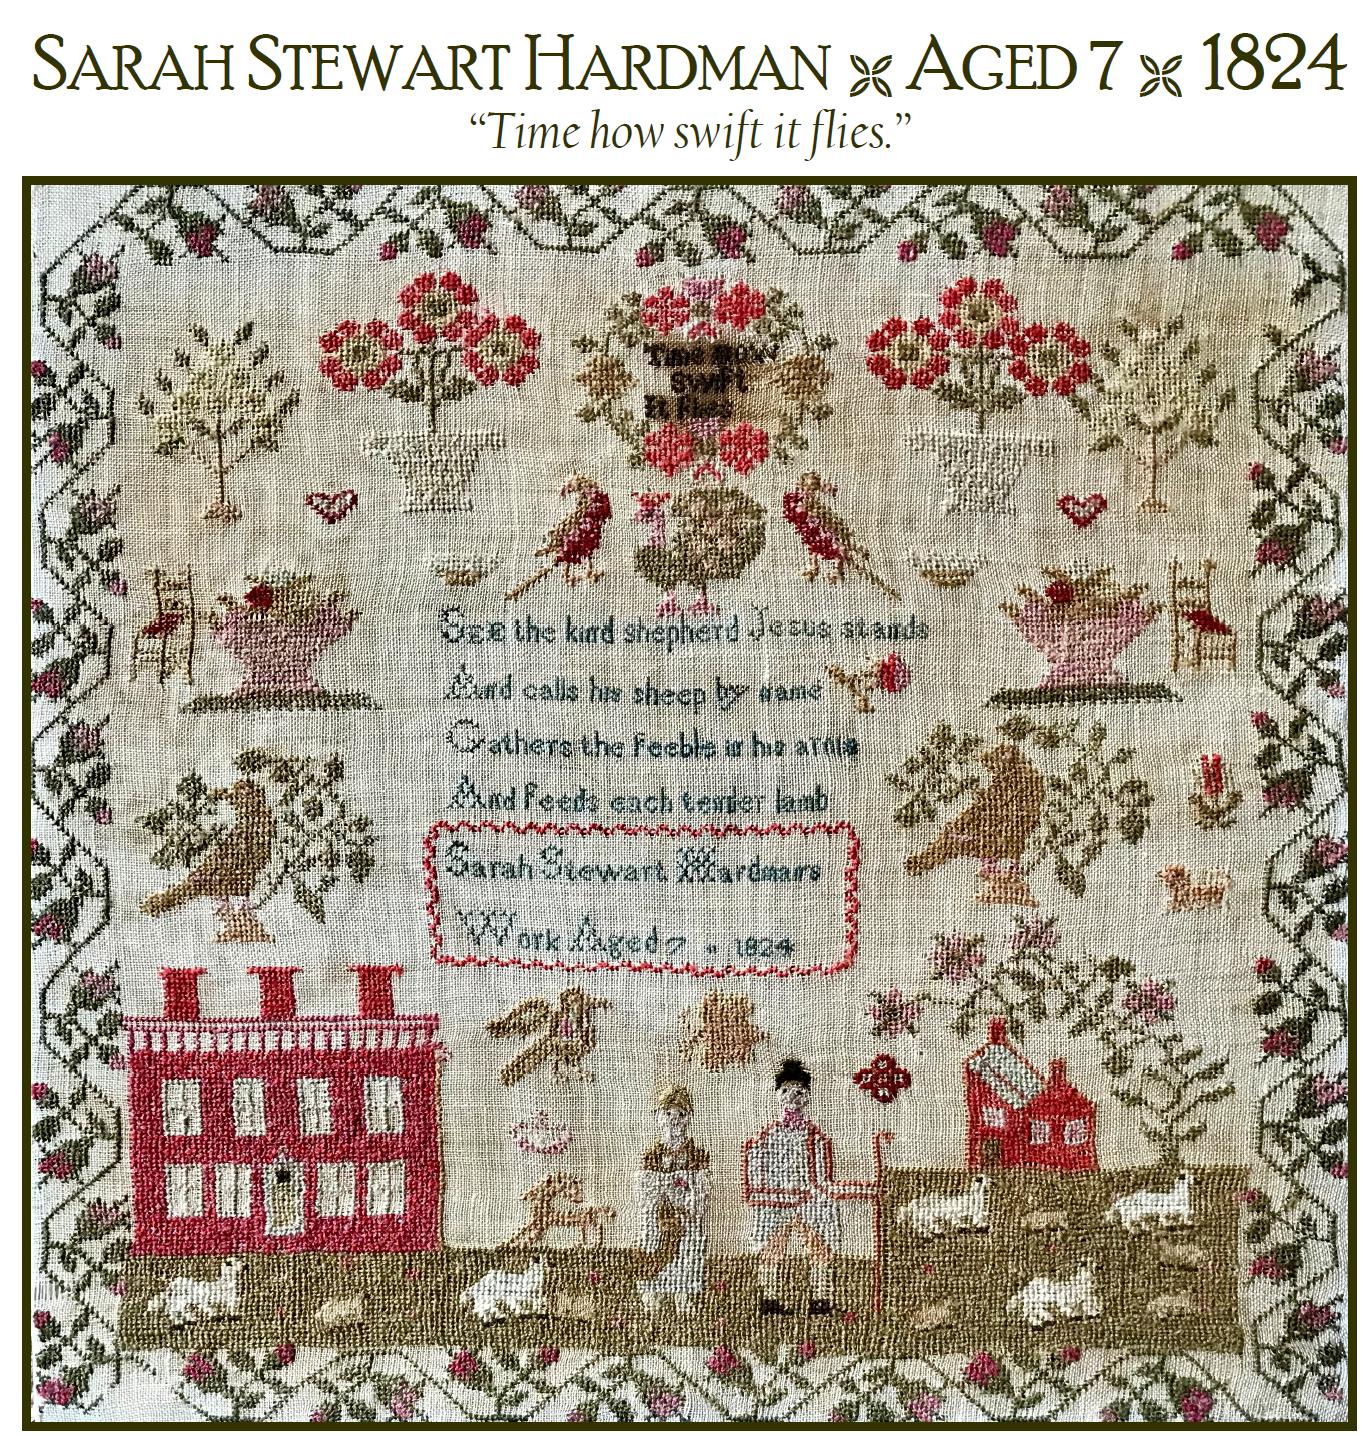 NeedleWorkPress - Sarah Stewart Hardman